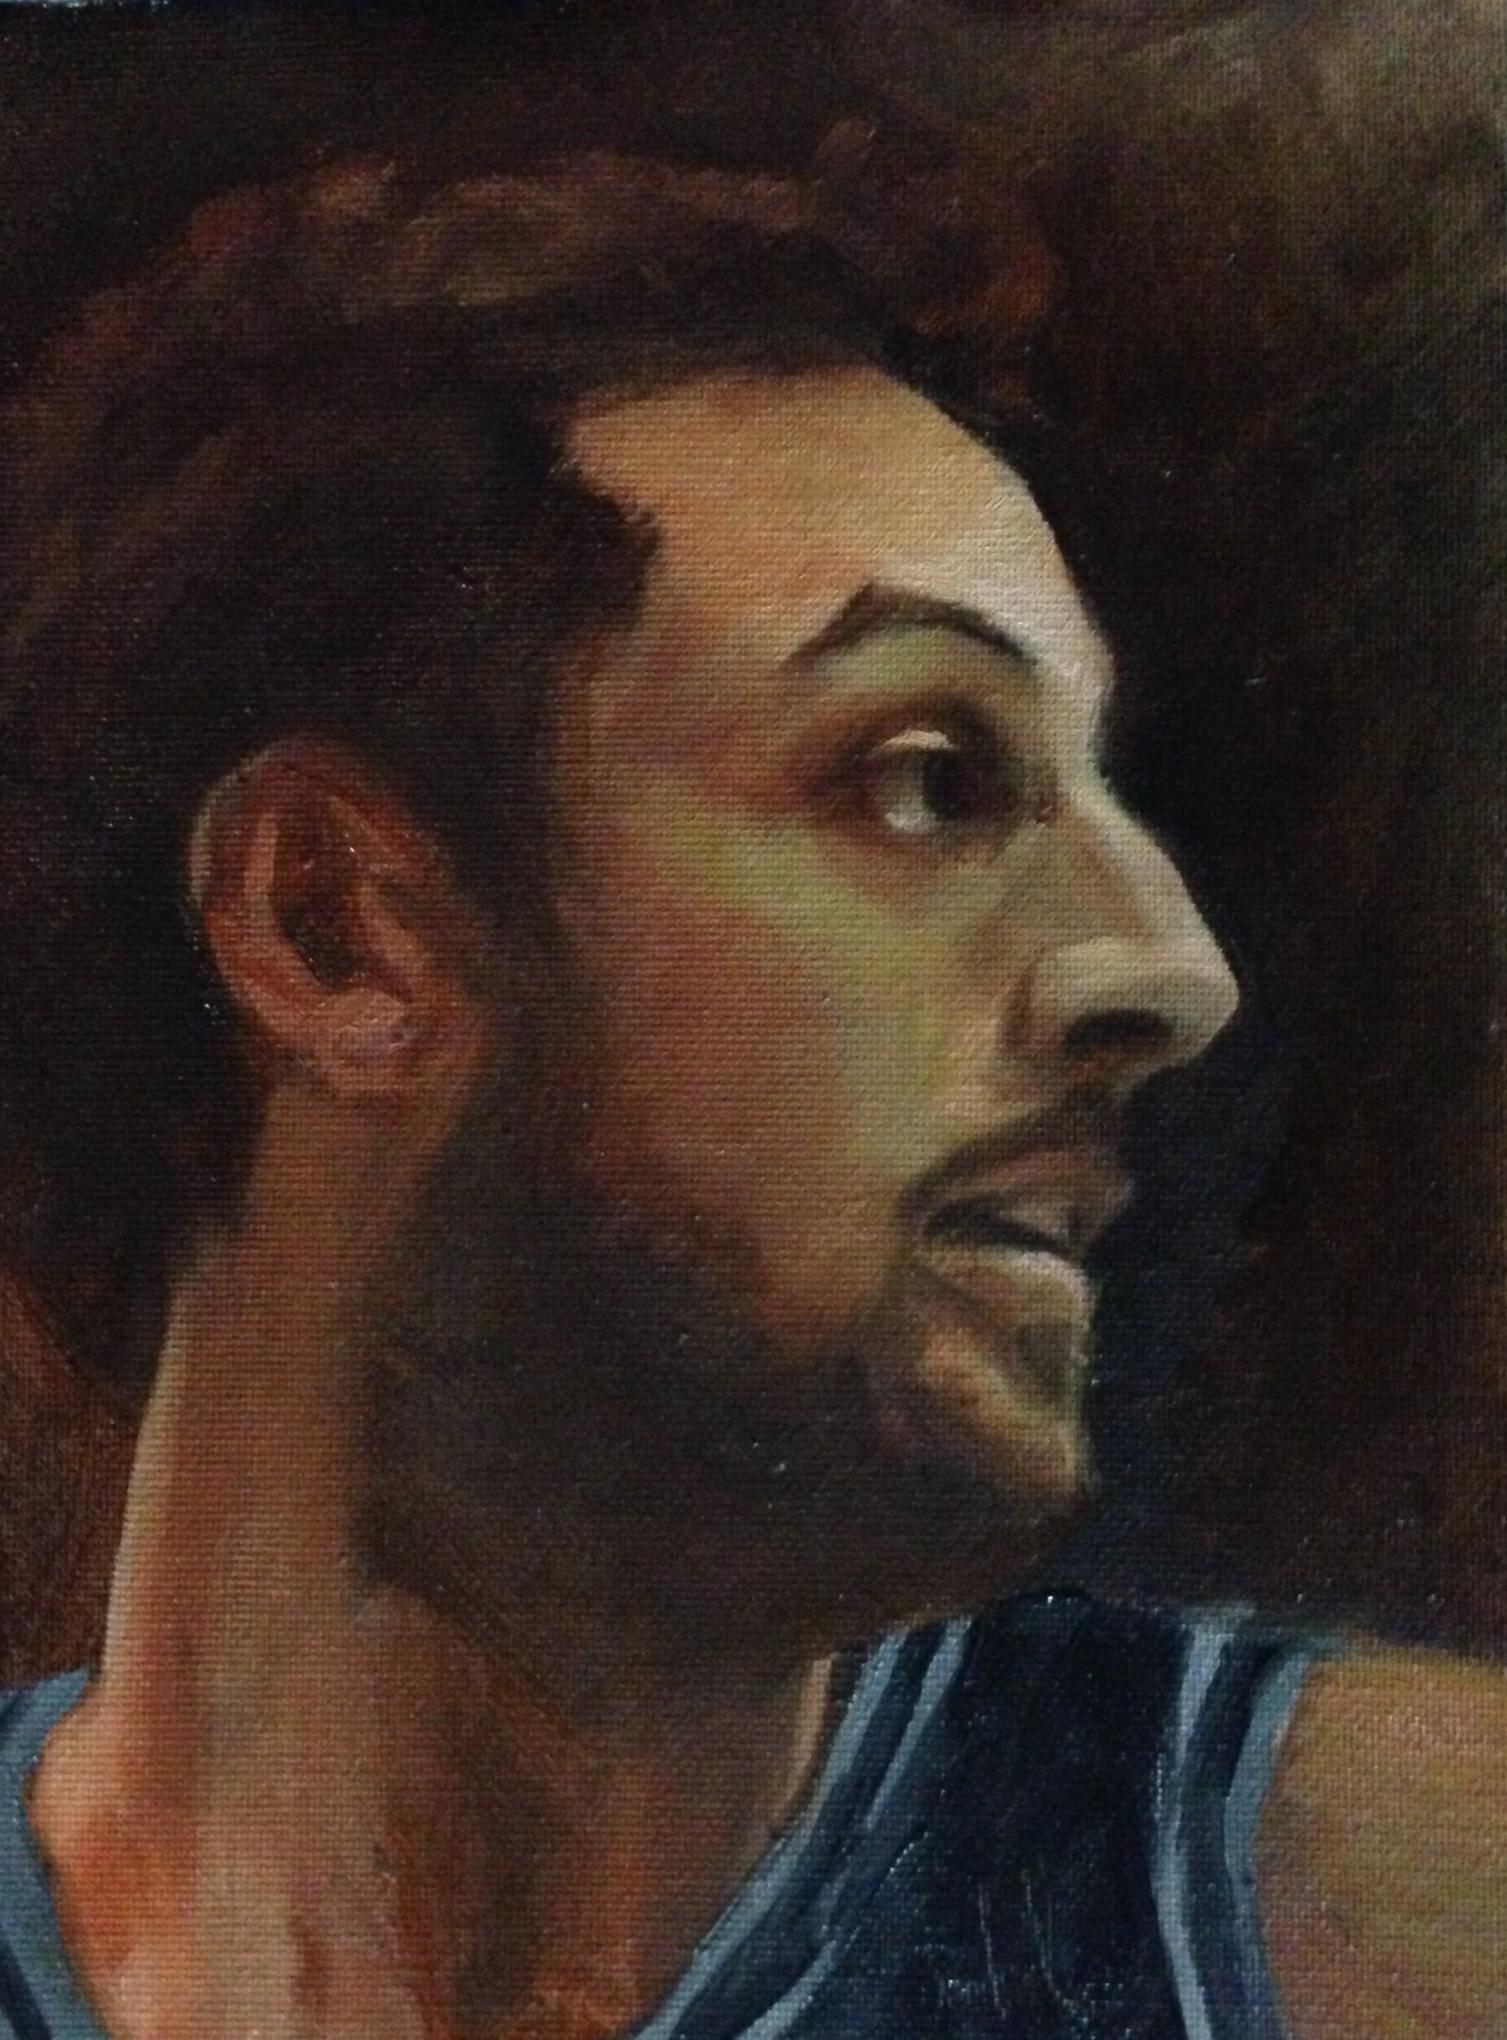 马可·贝利内利石油肖像